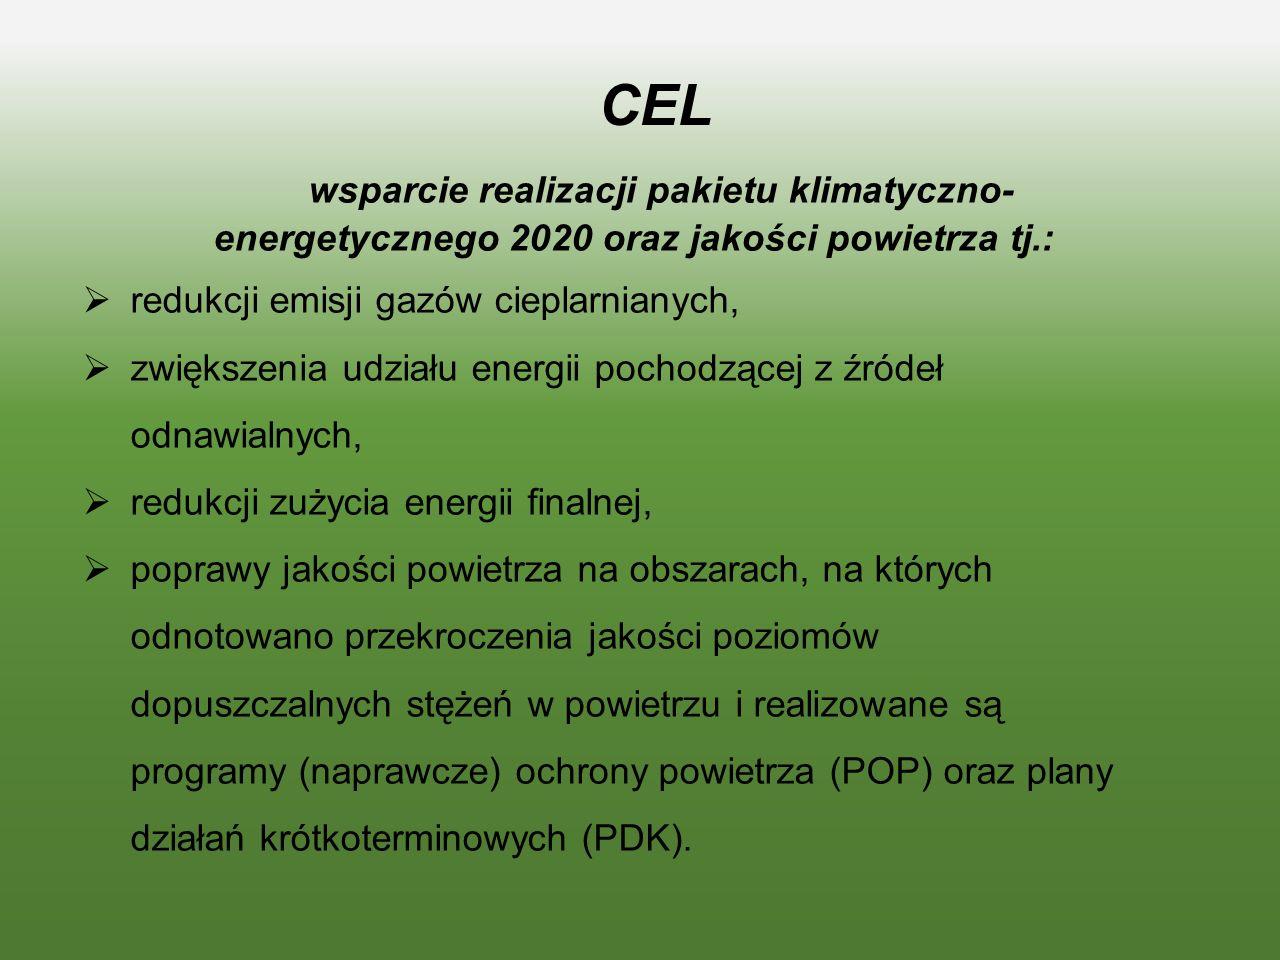 CEL wsparcie realizacji pakietu klimatyczno- energetycznego 2020 oraz jakości powietrza tj.: redukcji emisji gazów cieplarnianych,